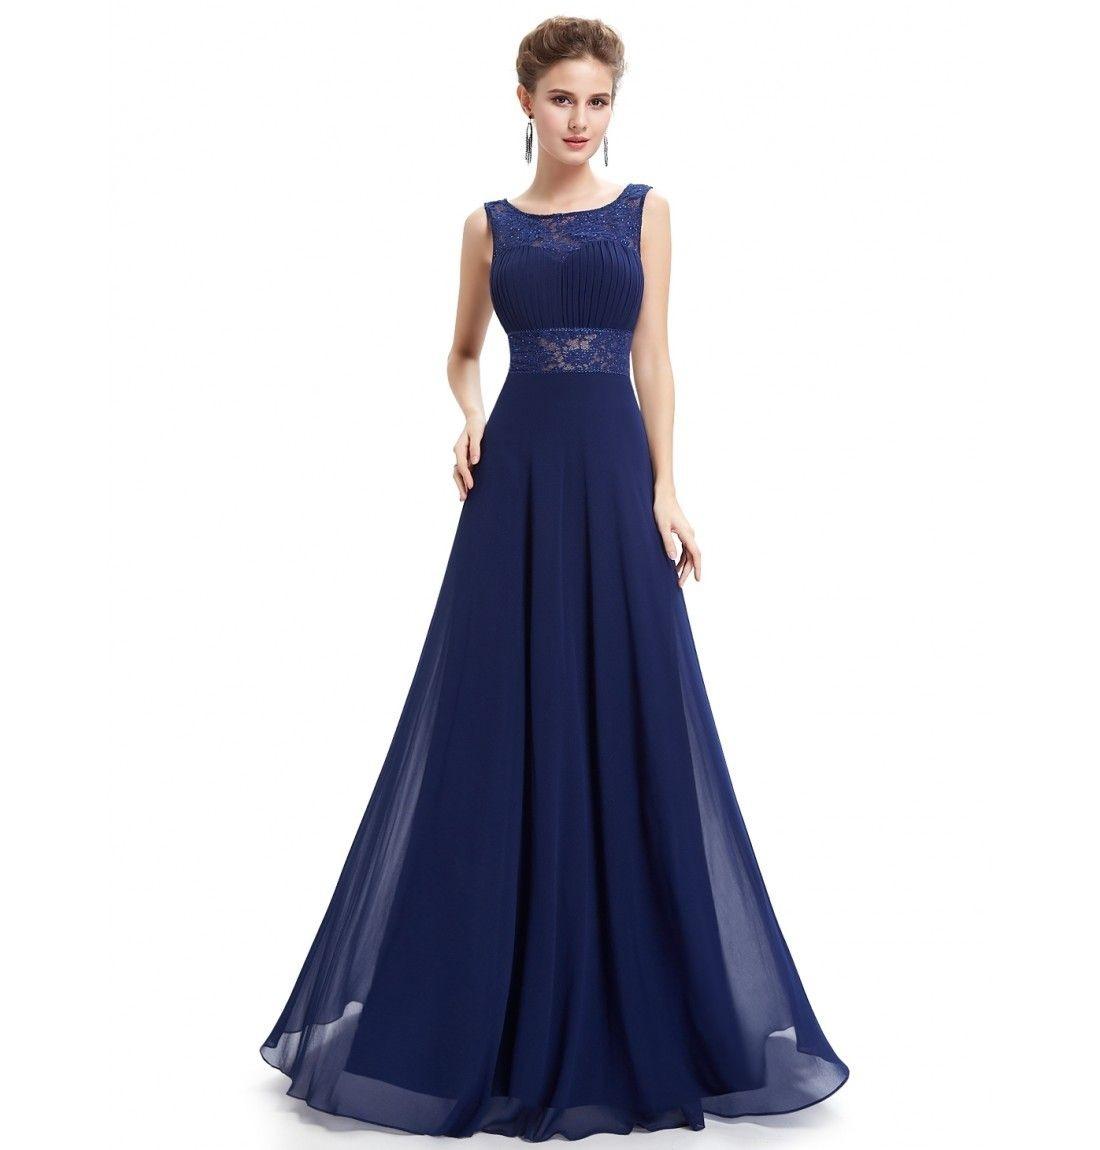 Formal Perfekt Dunkelblaues Abendkleid Lang Design20 Ausgezeichnet Dunkelblaues Abendkleid Lang Galerie